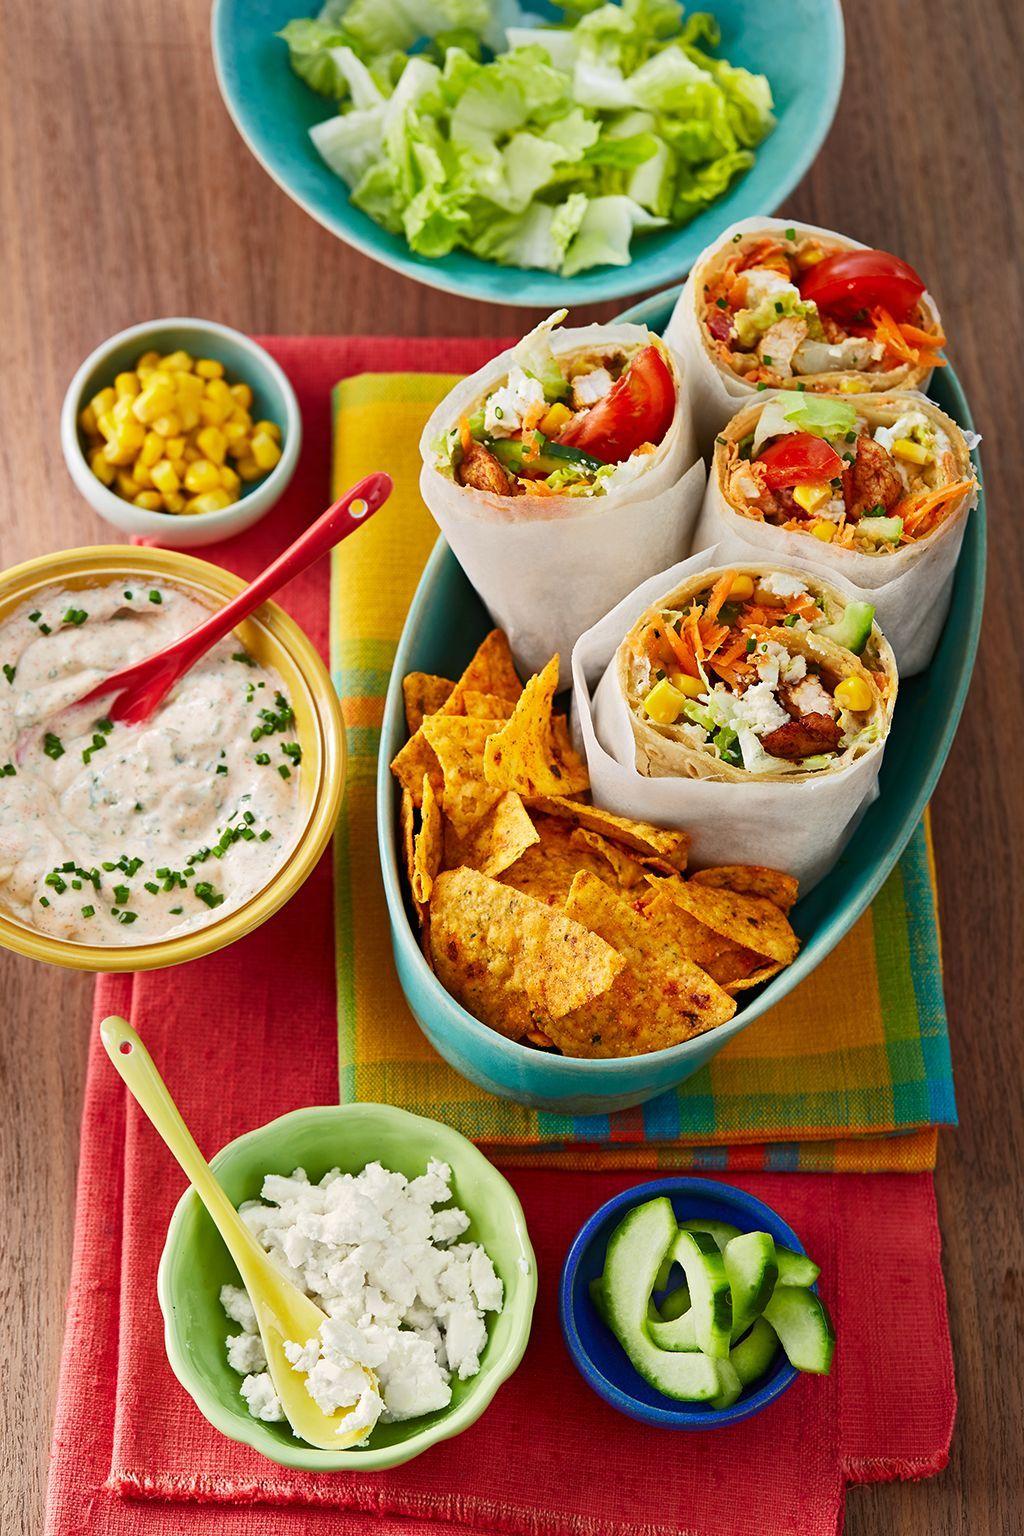 Fiesta Mexikanische Burritos mit Joghurtsauce - Rezept (Essen, Vegetarisch, Avocado, Schwarze Bohnen, Kidney Bohnen, Fühlung, Bowl, Vegan, Guacamole, Joghurt, Frisch, Nachos, Hauptgericht, Schichtsalat, Tortilla, Wraps, Schnell, Einfach, Kochhaus)Mexikanische Burritos mit Joghurtsauce - Rezept (Essen, Vegetarisch, Avoc...